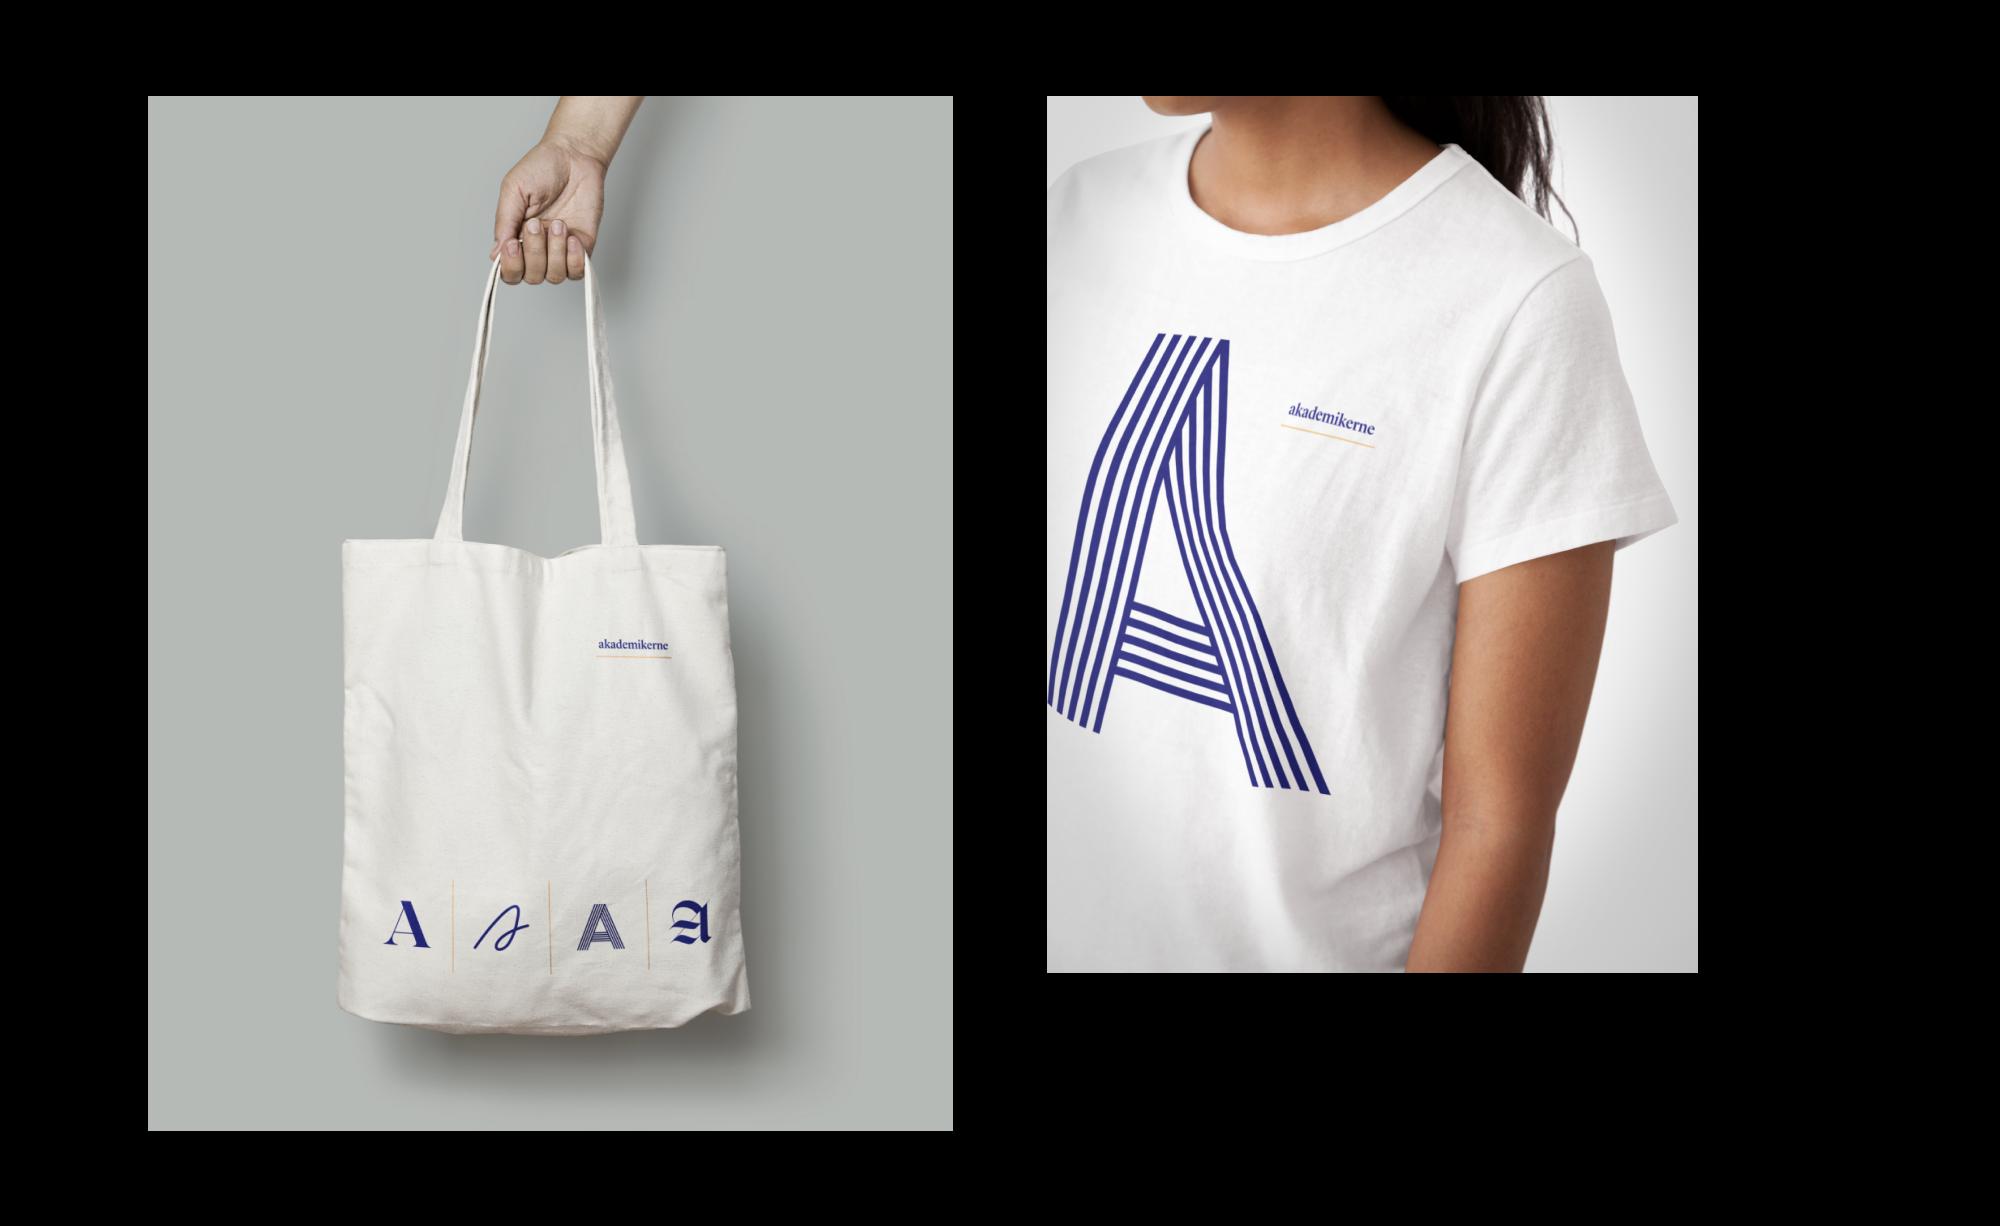 Identiteten tatt ut på handlenett og t-skjorte